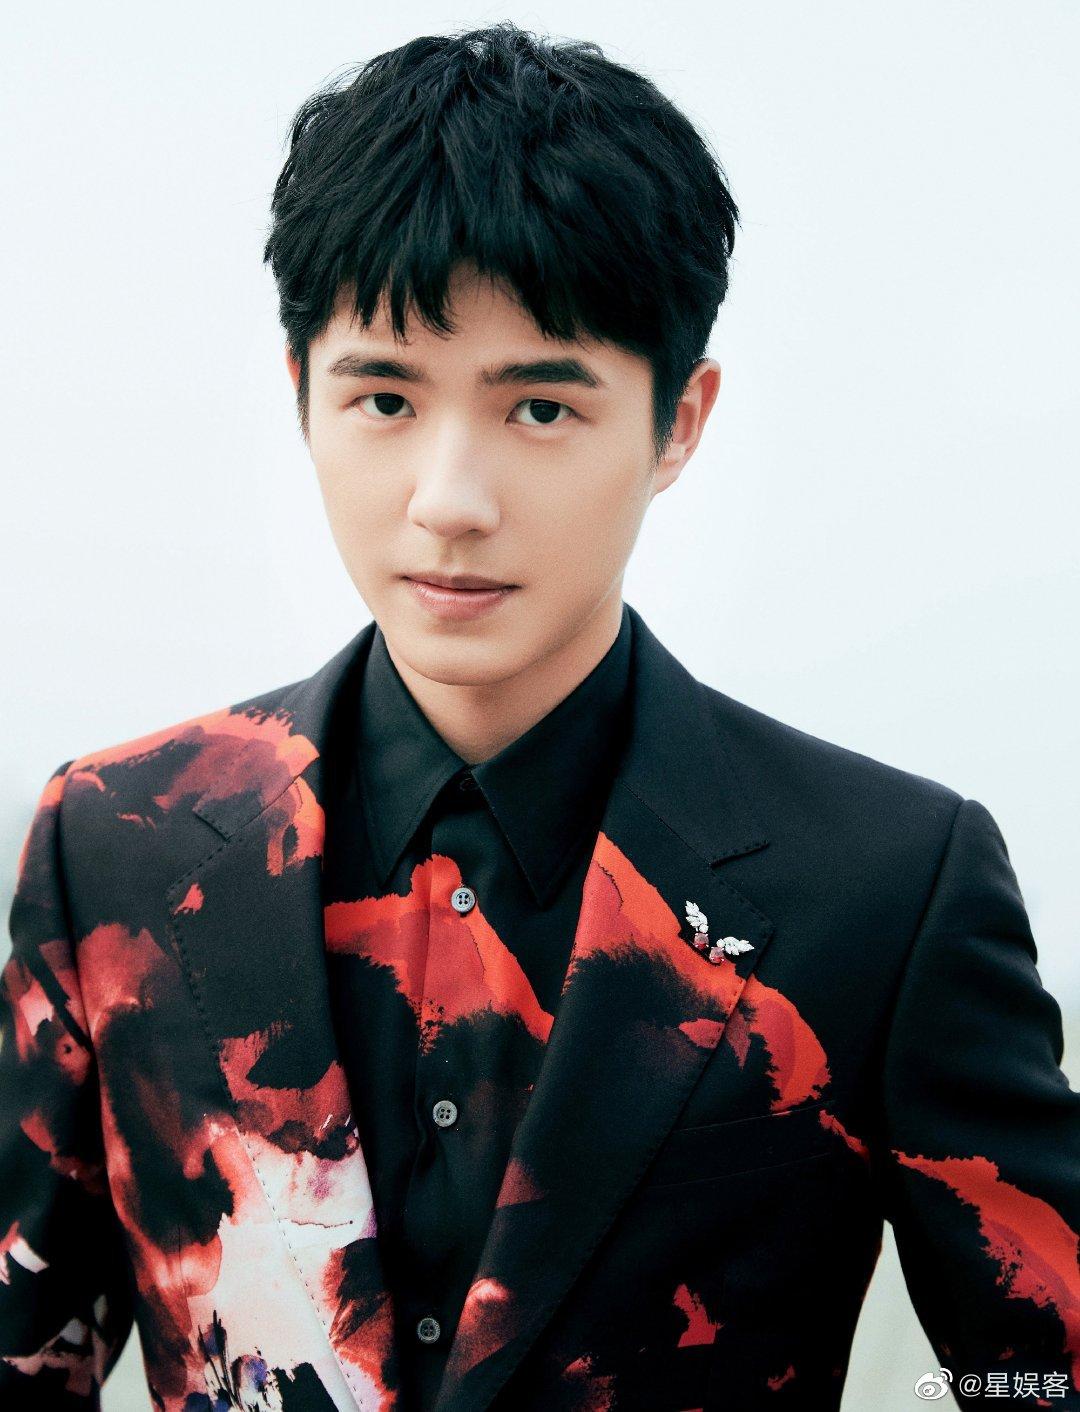 刘昊然金鸡百花电影节闭幕式造型,一身泼墨西装,矜贵优雅的少年!